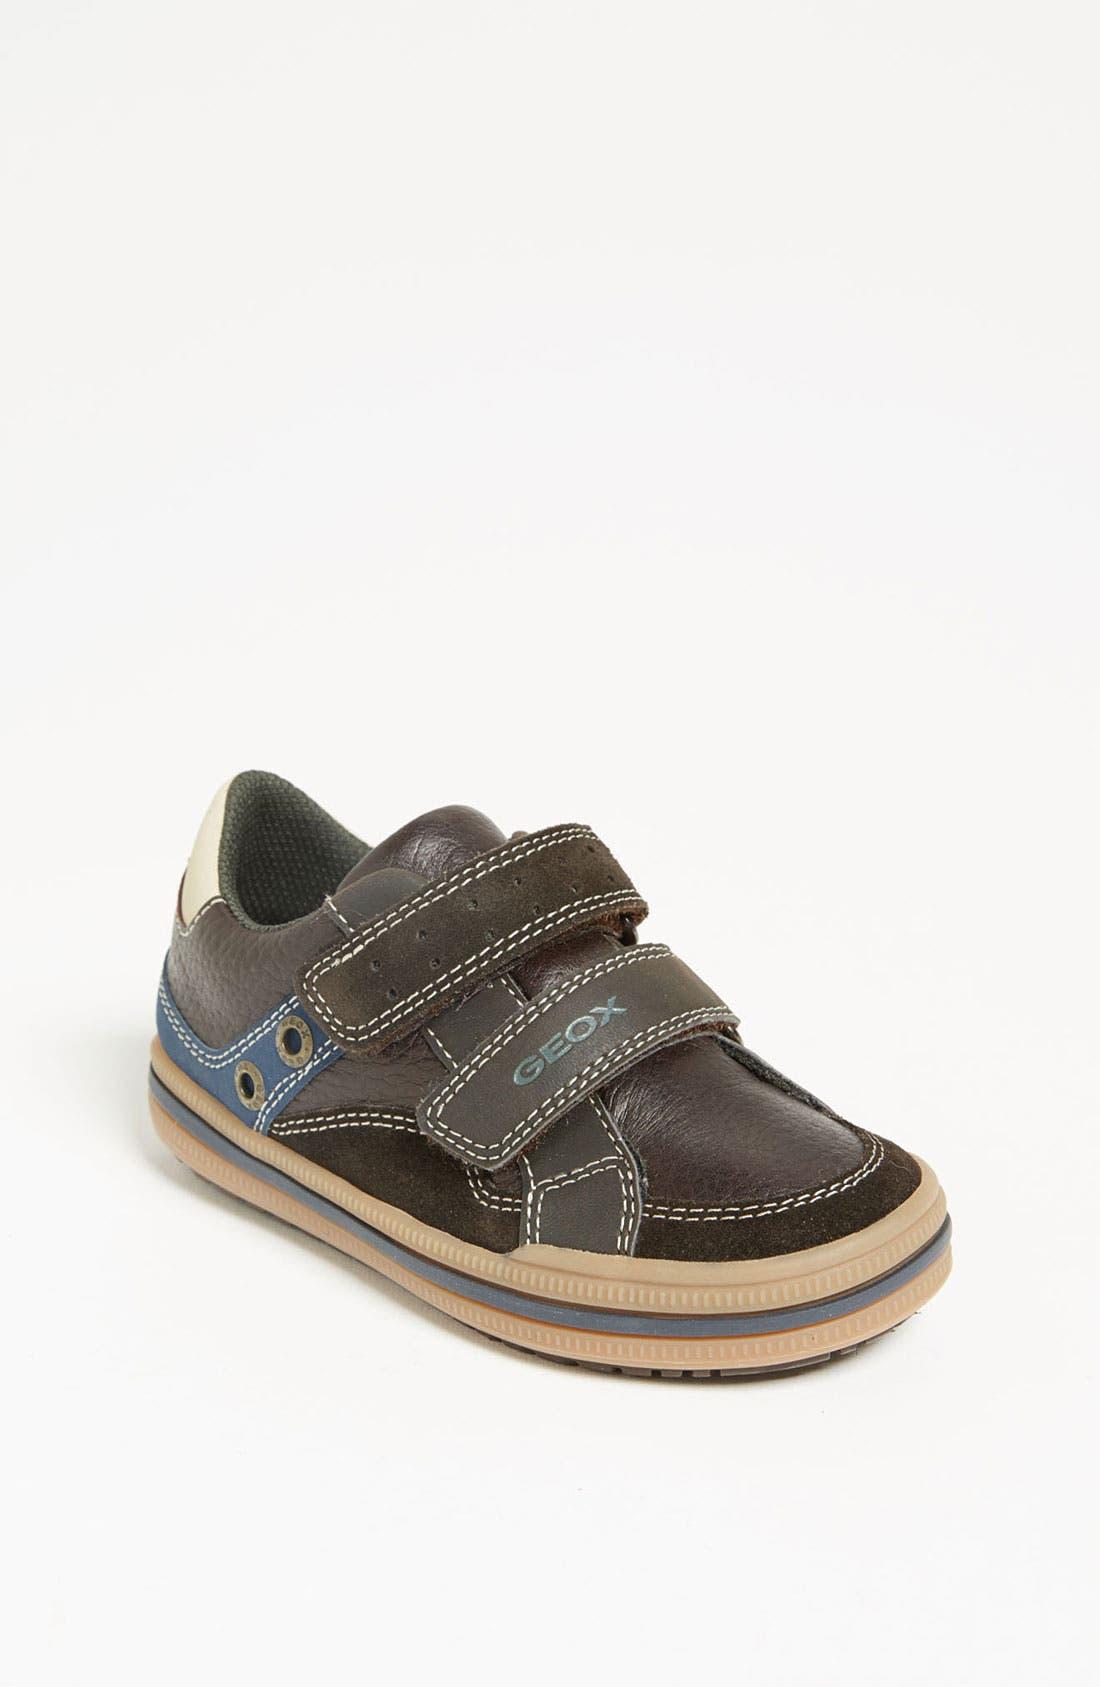 Alternate Image 1 Selected - Geox Sneaker (Toddler, Little Kid & Big Kid)